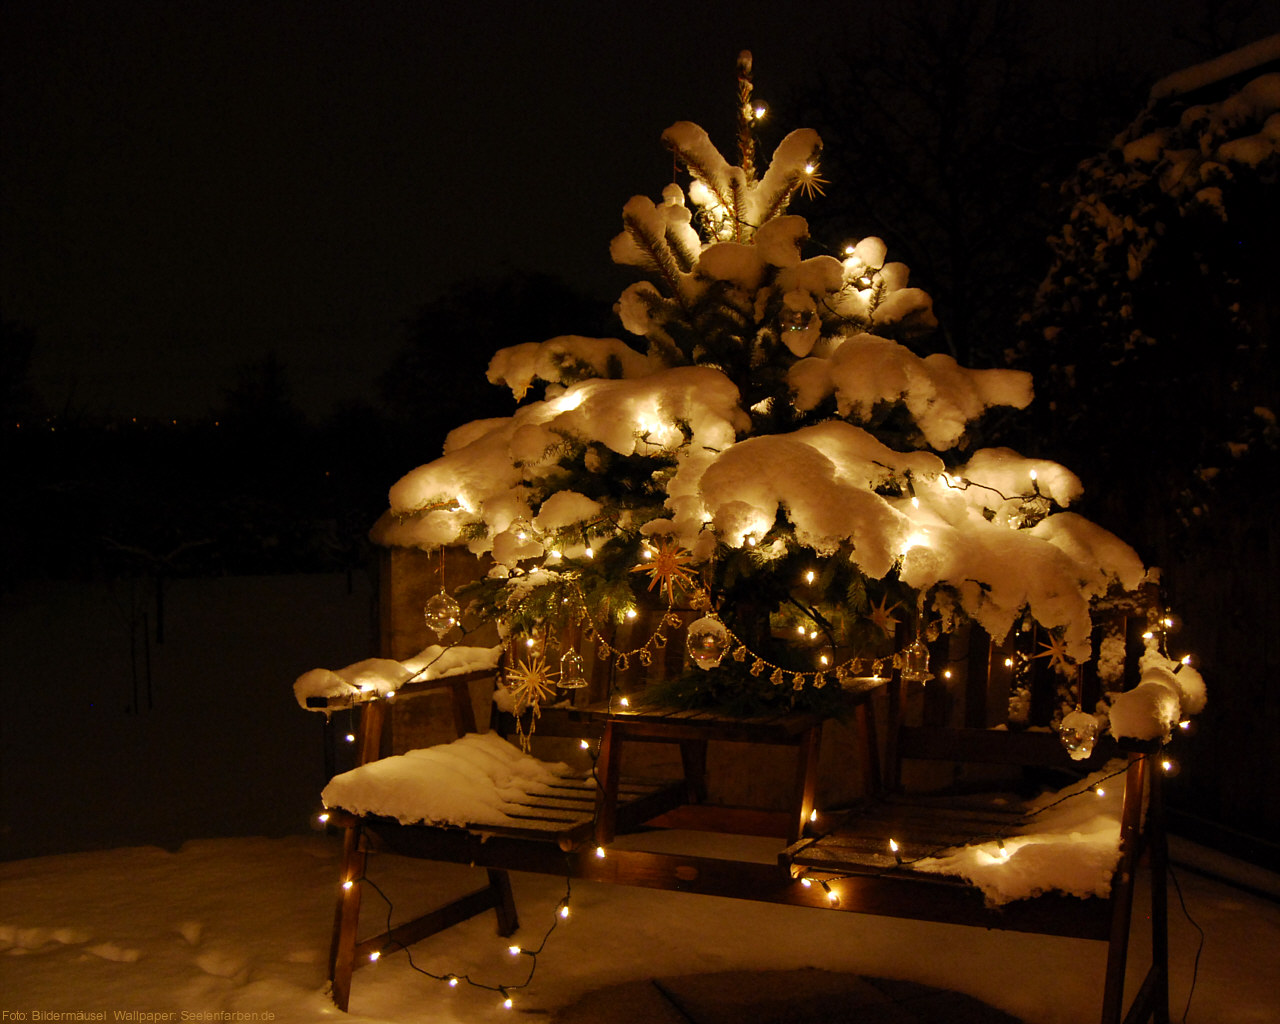 weihnachten schnee tannenbaum christbaumschmuck. Black Bedroom Furniture Sets. Home Design Ideas